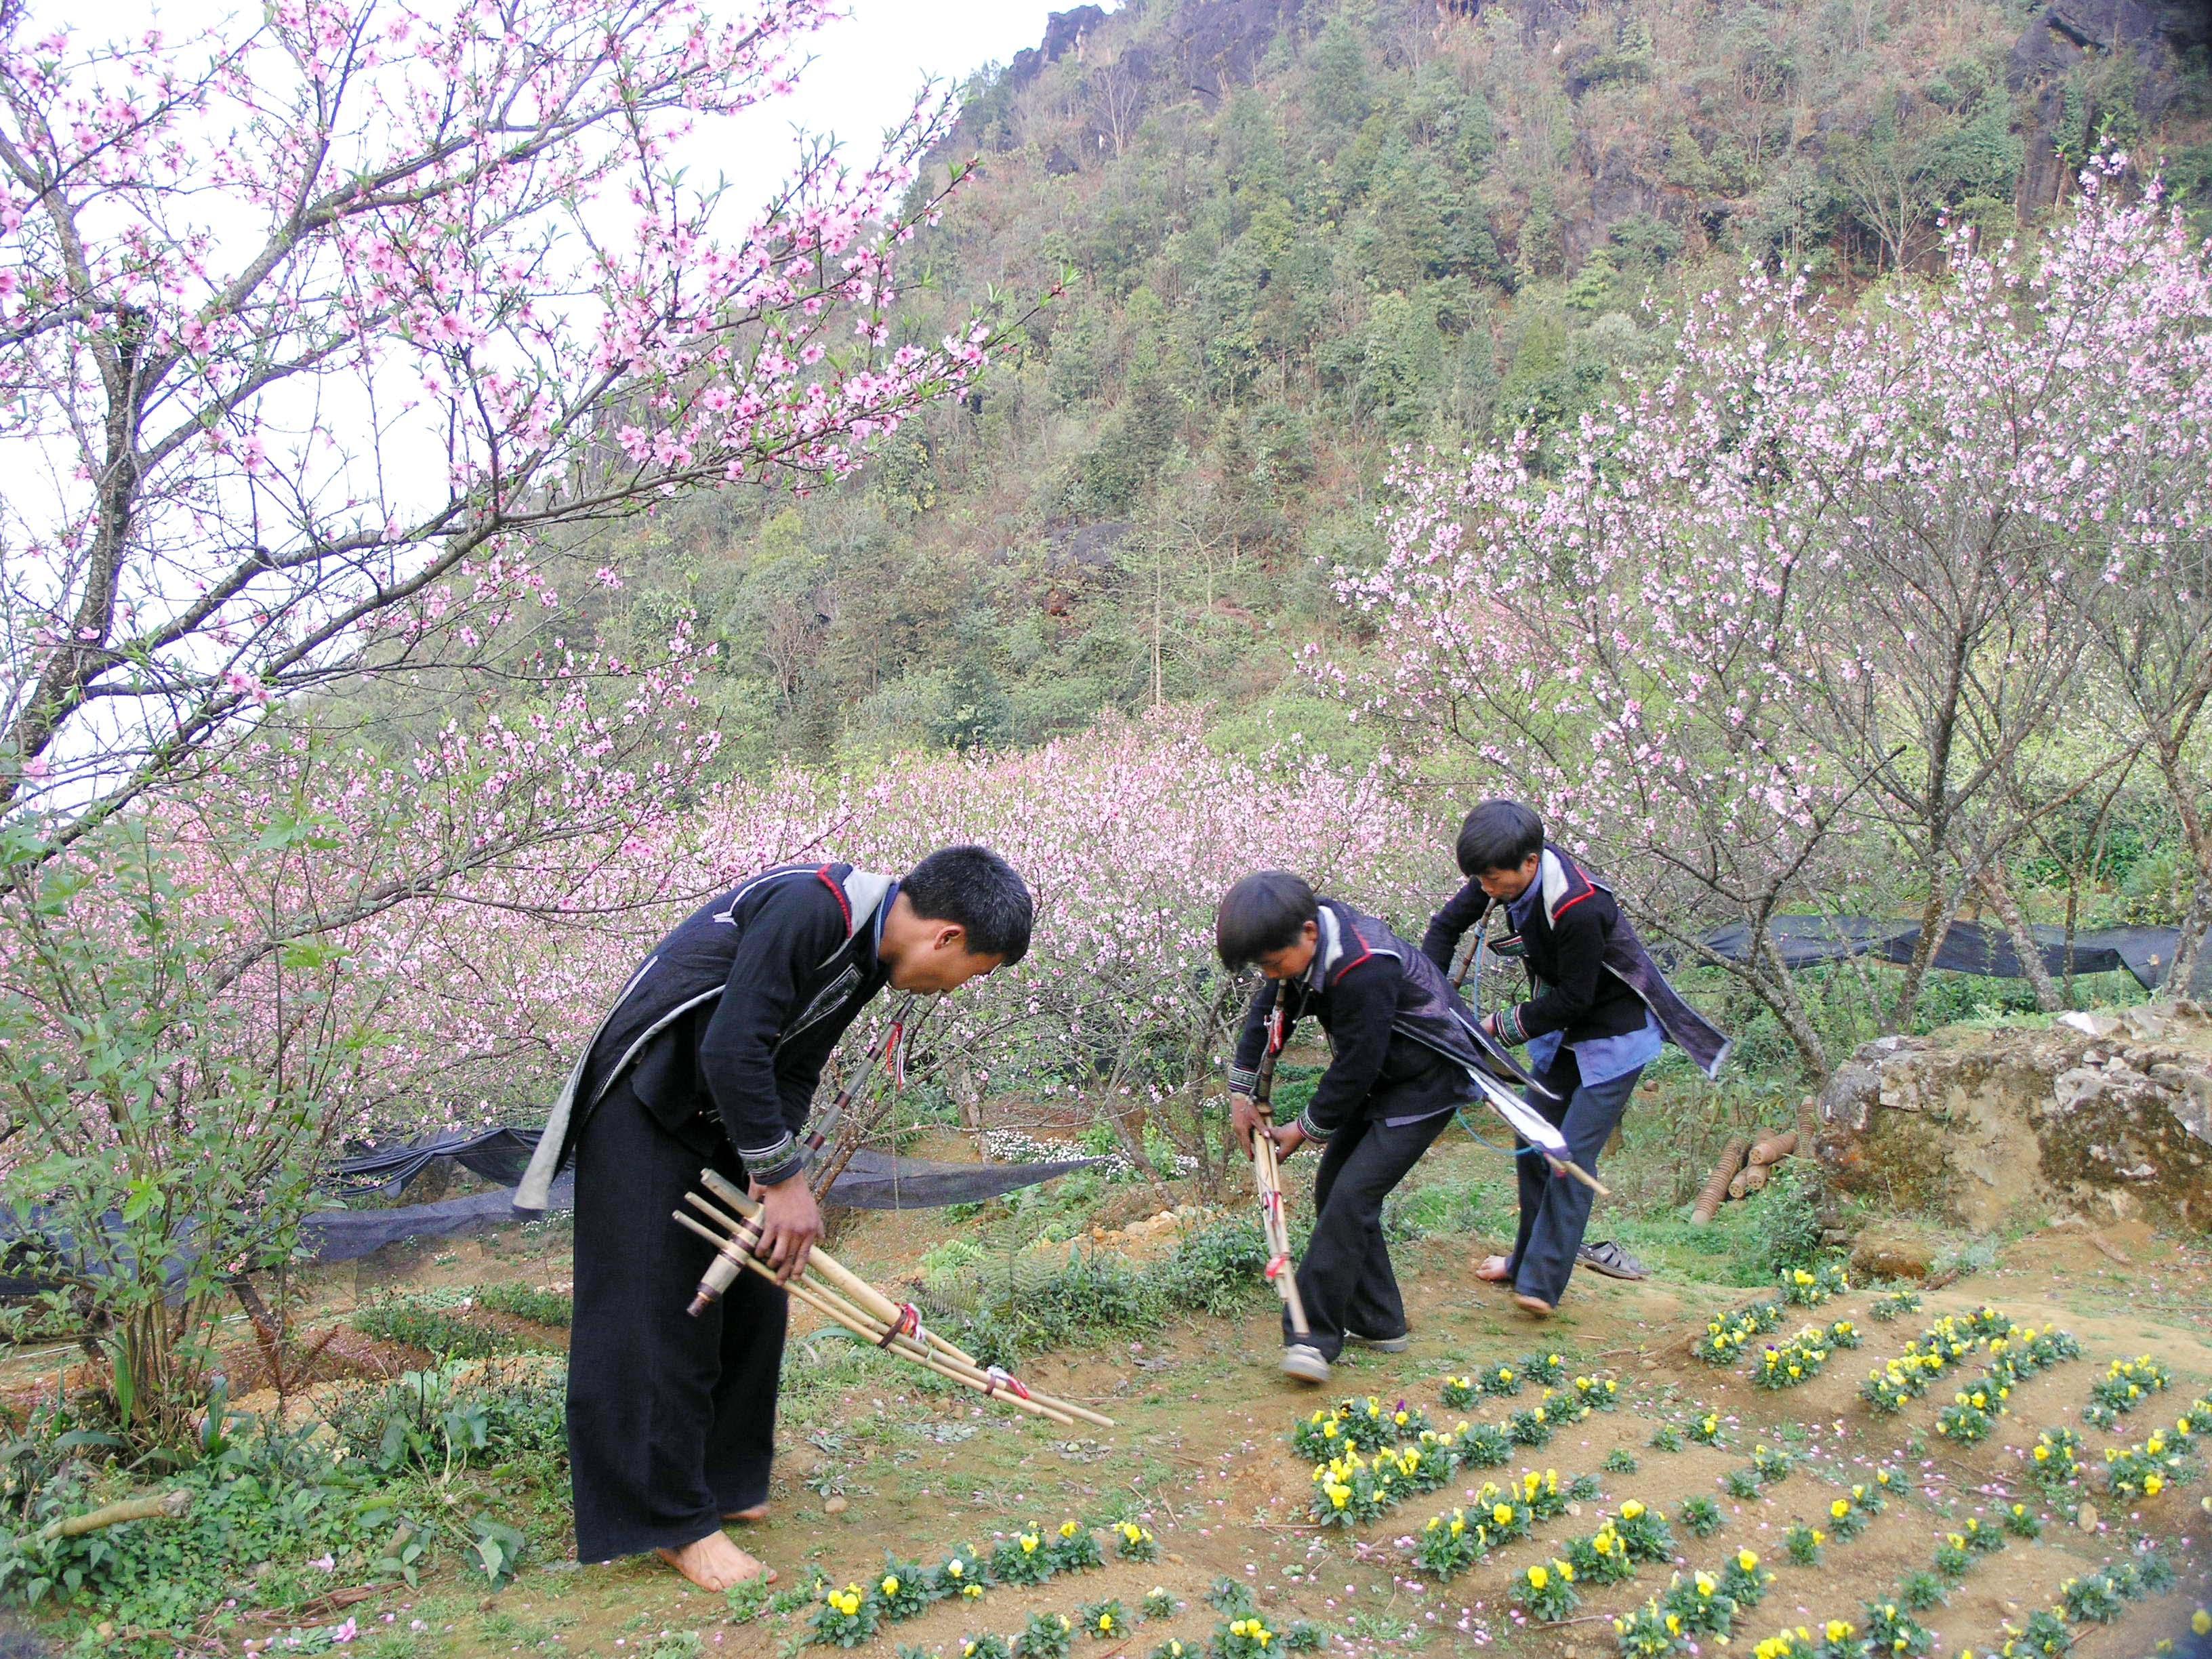 Rực rỡ sắc hoa đào núi tuyệt đẹp ở Sa Pa - Ảnh 1.